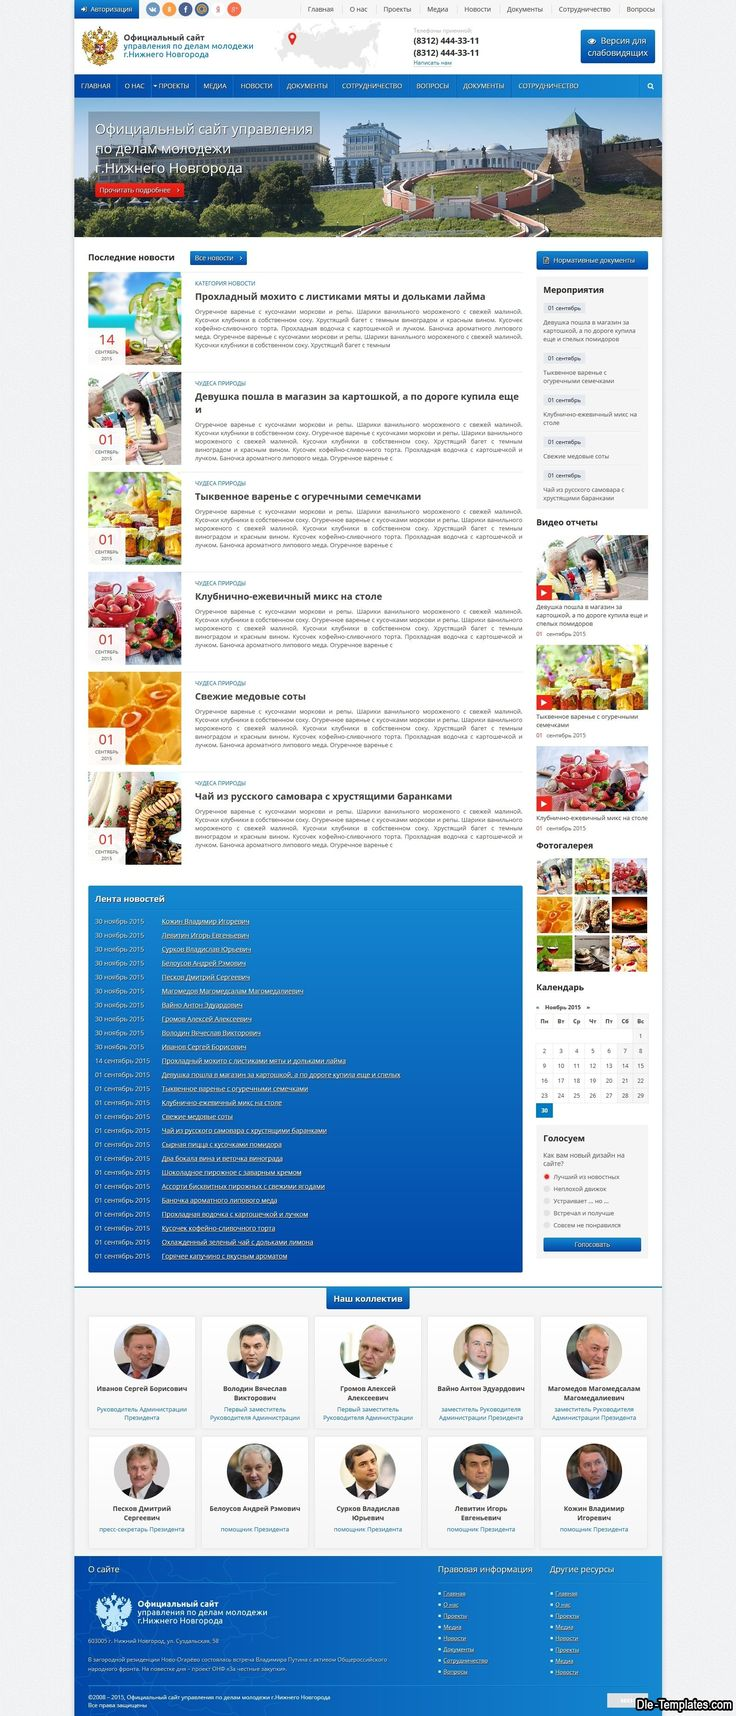 Муниципальный - адаптивный шаблон для муниципальных сайтов #templates #website #шаблон #сайт #web